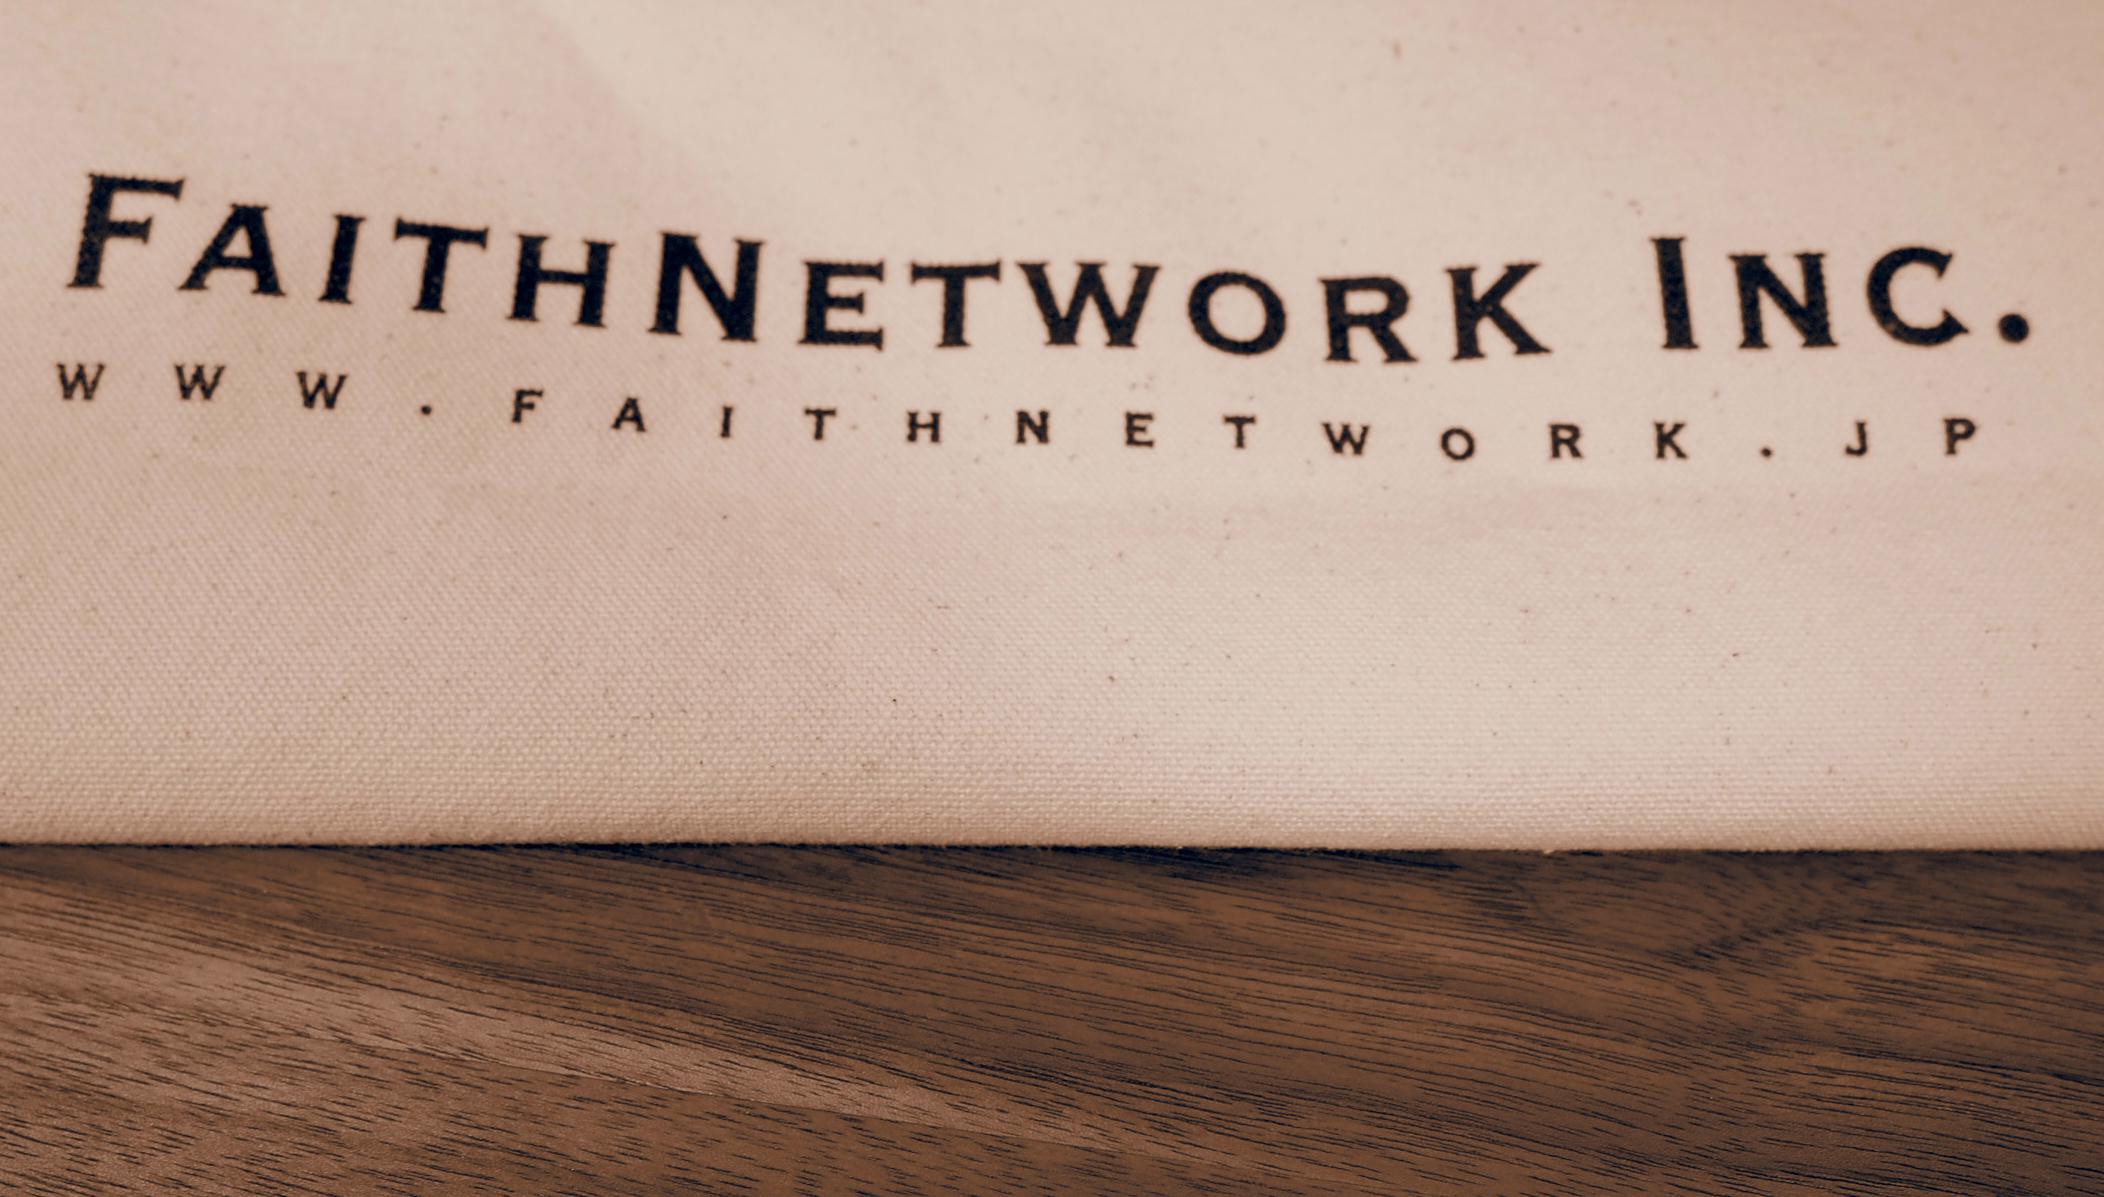 フェイスネットワーク・新築一棟不動産投資・デザイナーズマンション